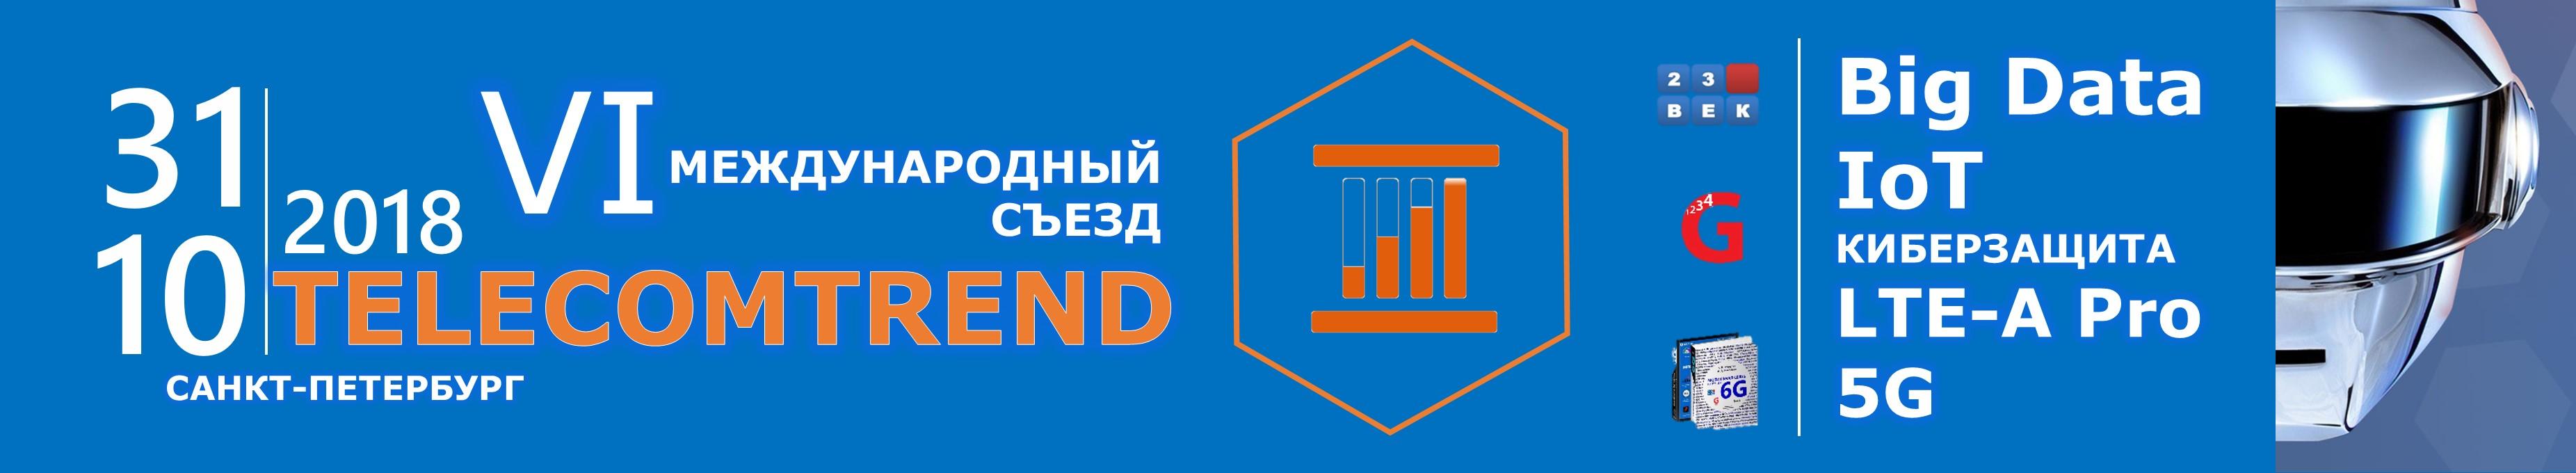 VI Международный Съезд TELECOMTREND в Санкт-Петербурге